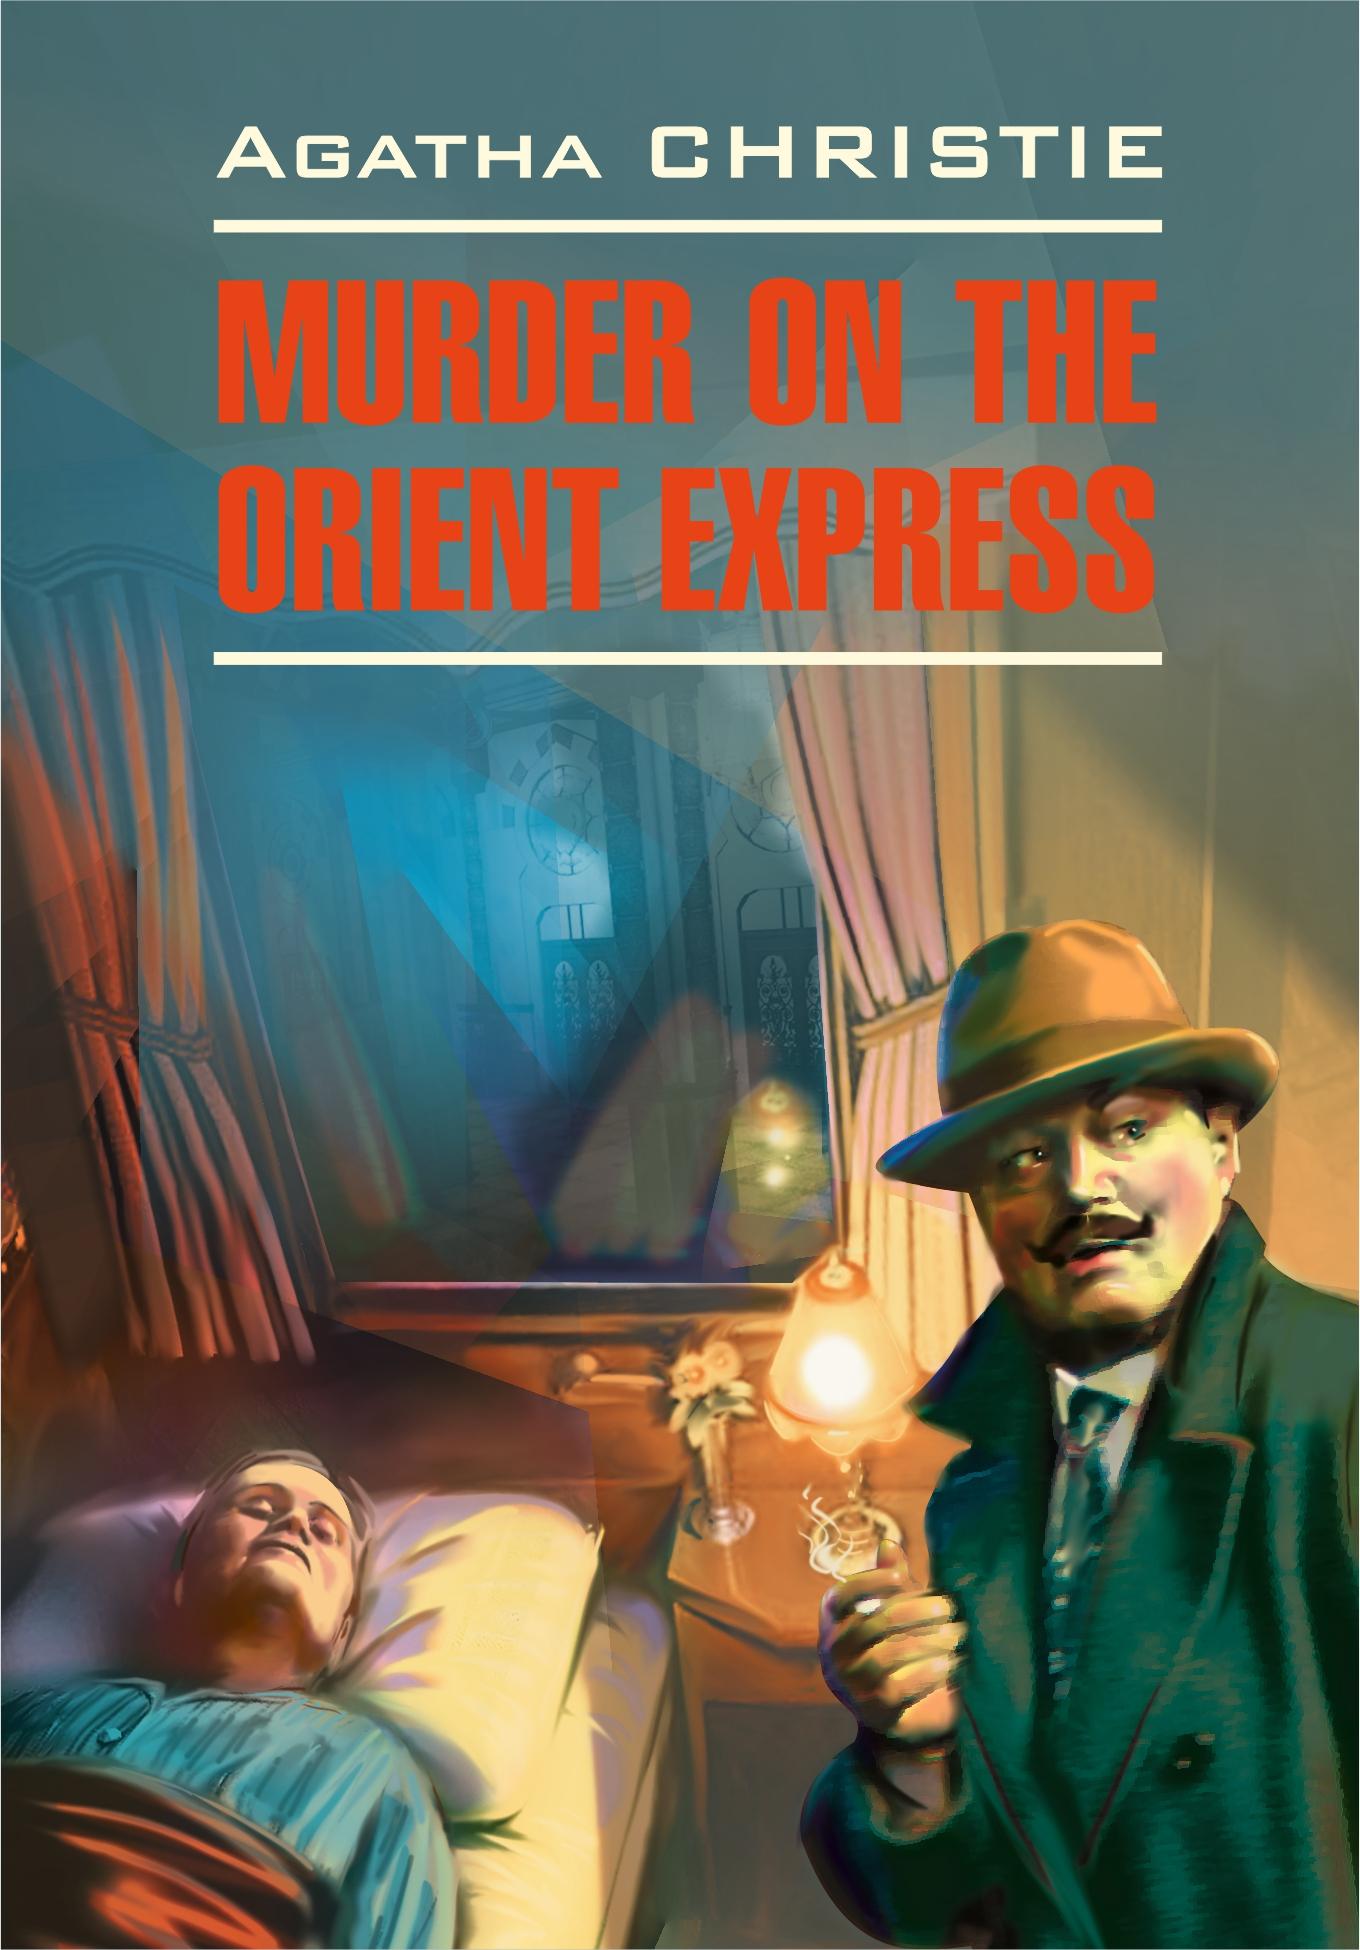 купить Агата Кристи Murder On The Orient Express / Убийство в восточном экспрессе онлайн